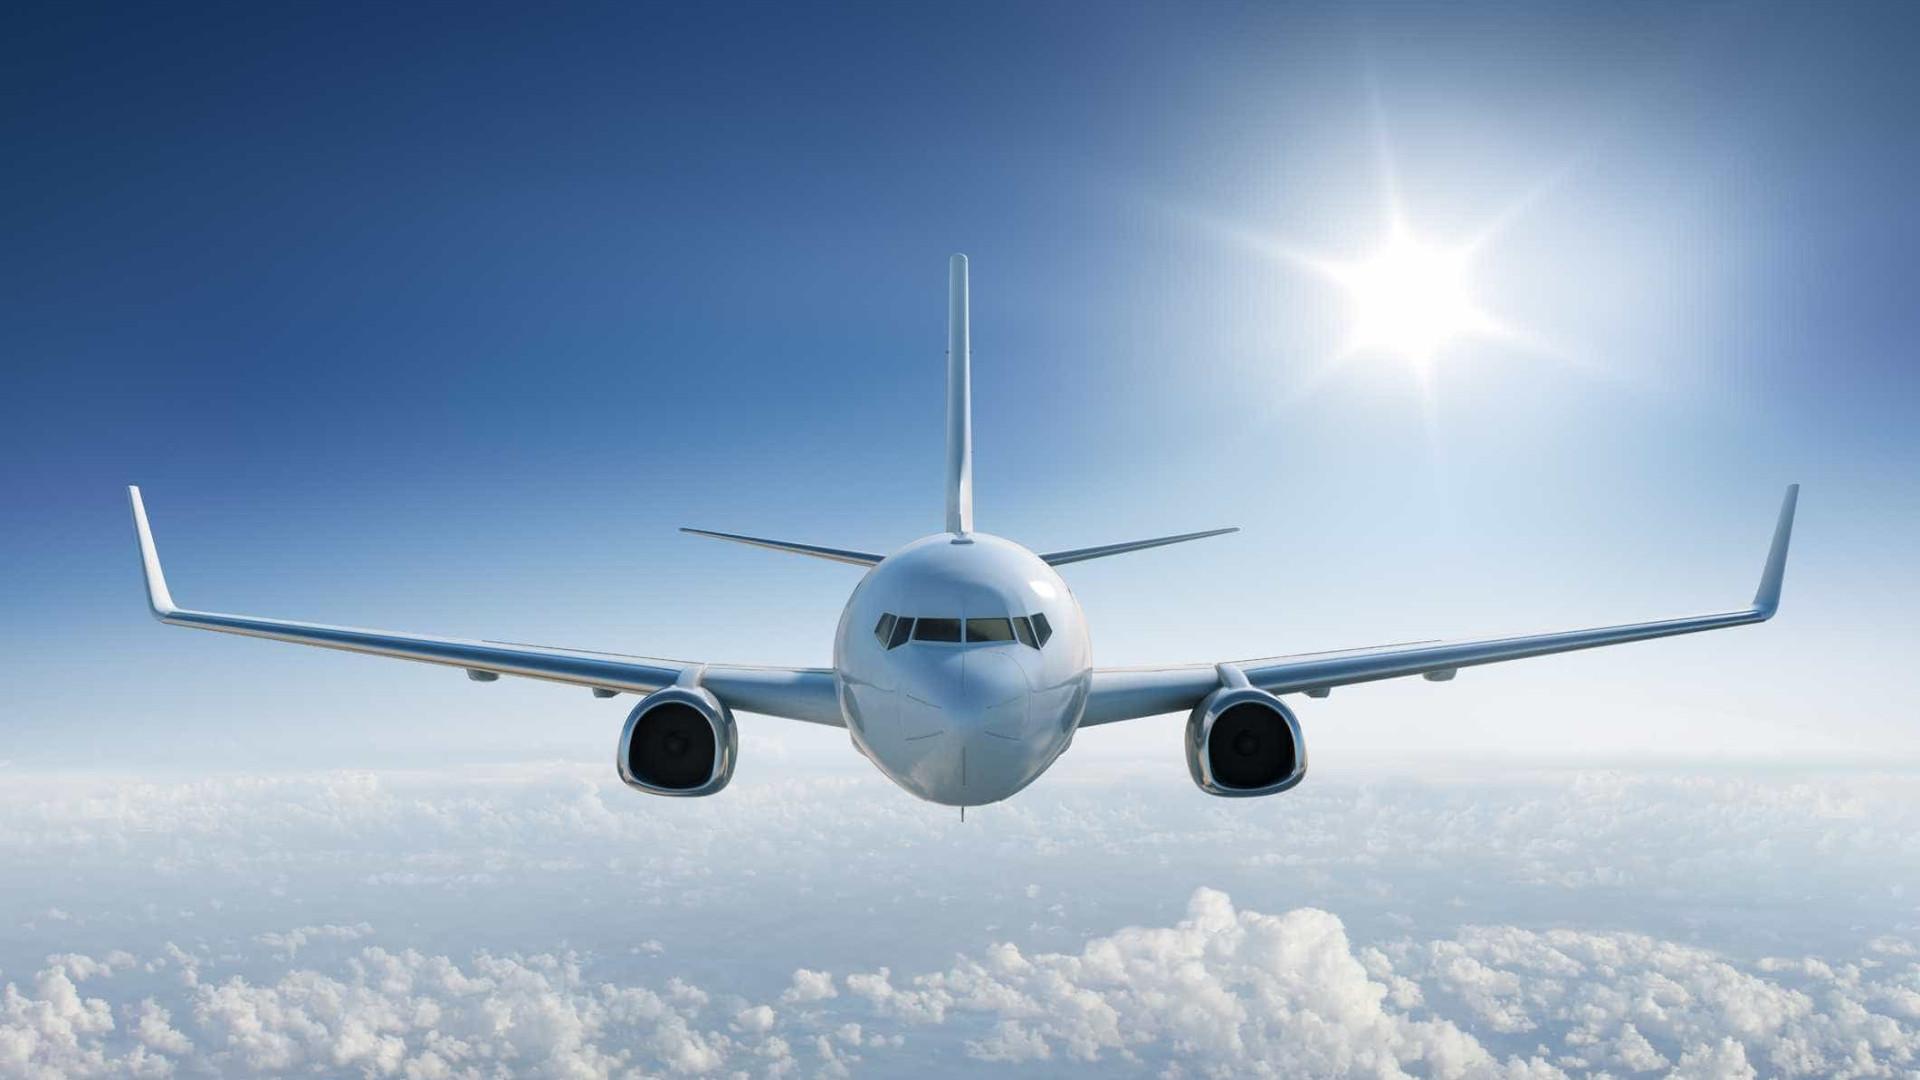 Desconvocada greve da Portugália Airlines após reunião de trabalhadores